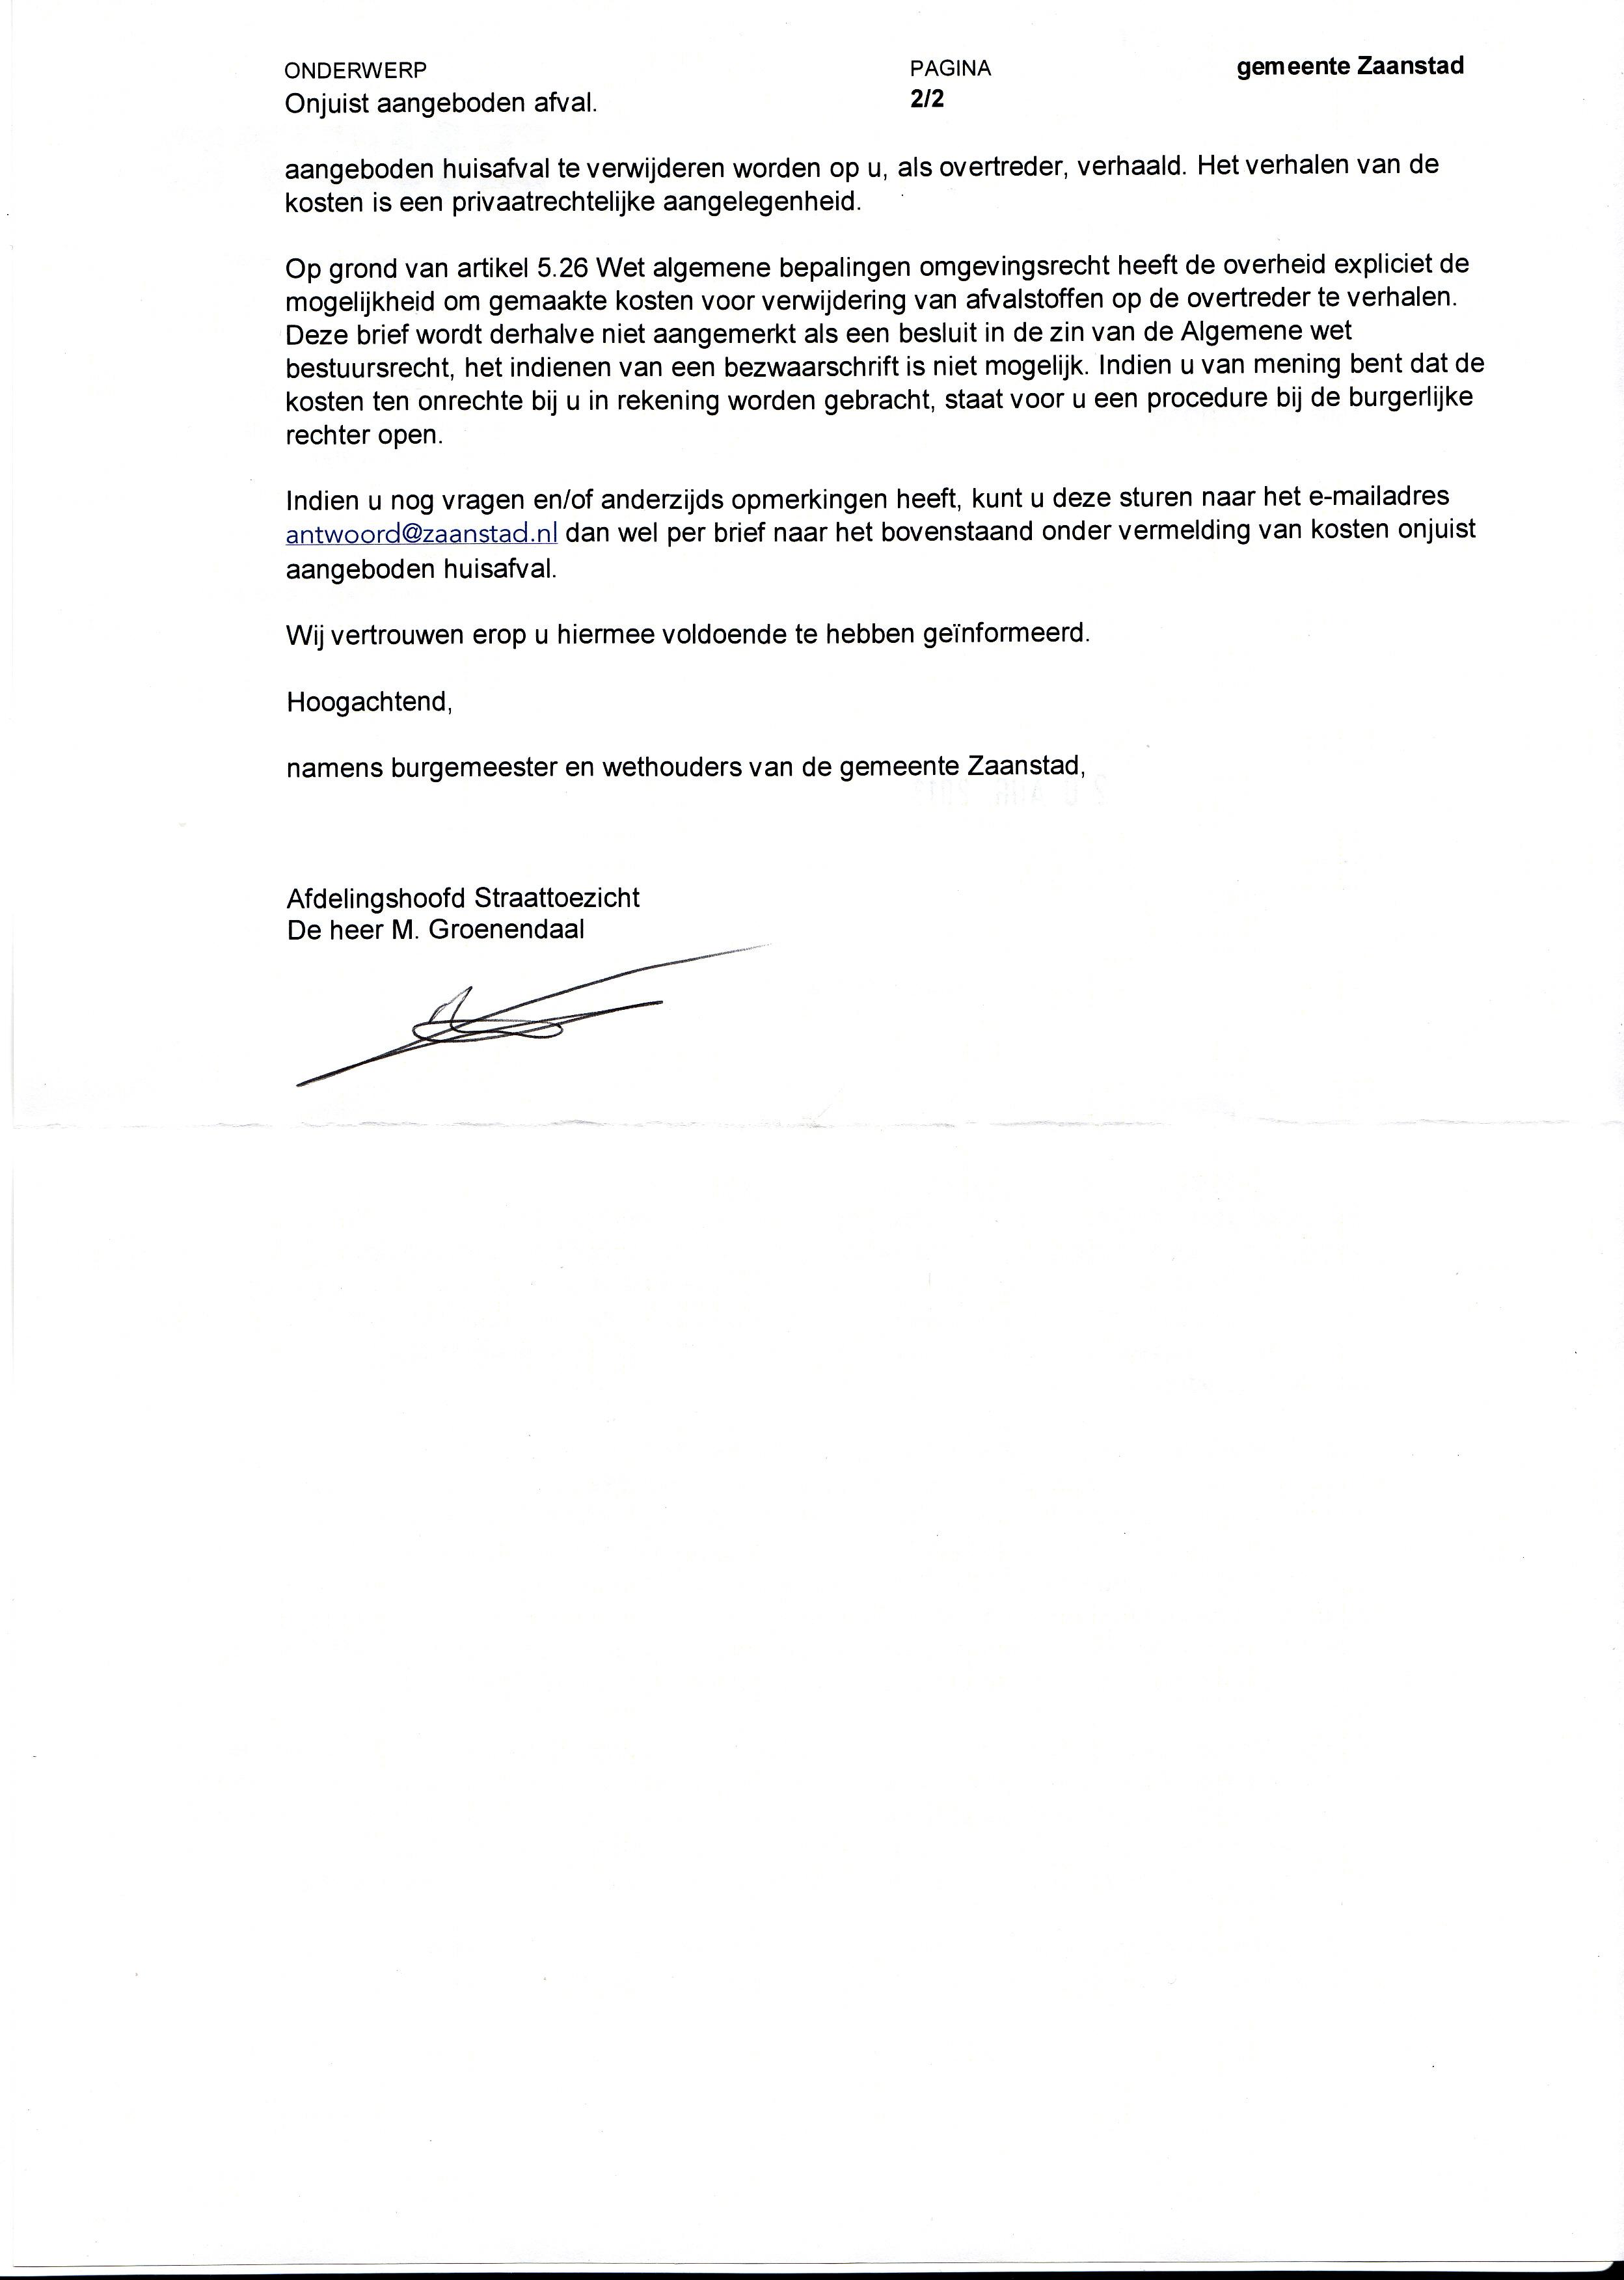 niet eens met factuur voorbeeldbrief Geen pvb maar een factuur. : Overige boetes en EMA • Flitsservice.nl niet eens met factuur voorbeeldbrief